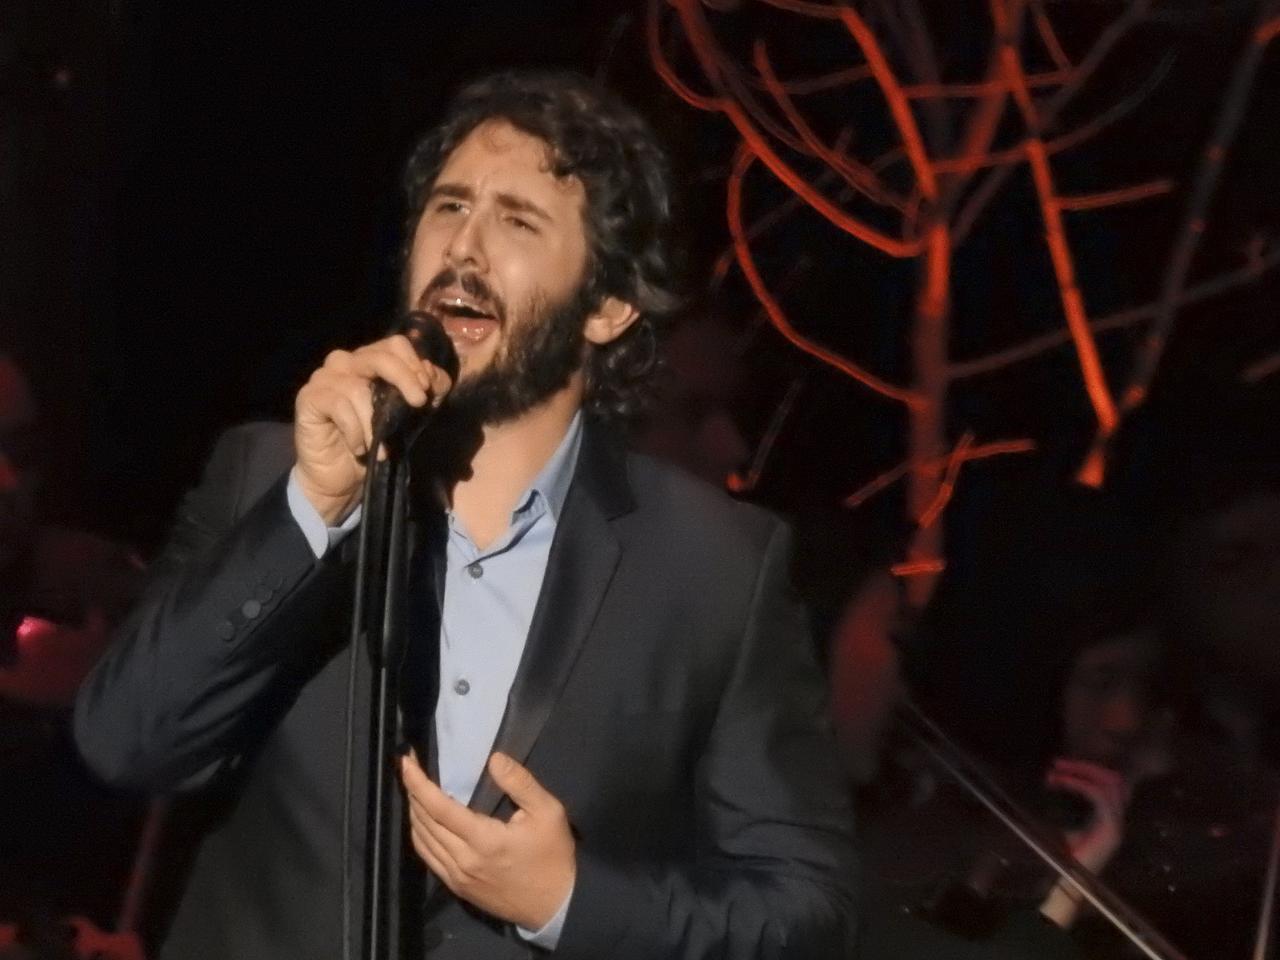 Josh Groban wows the crowd at Fair Park Music Hall | Arts | Dallas News